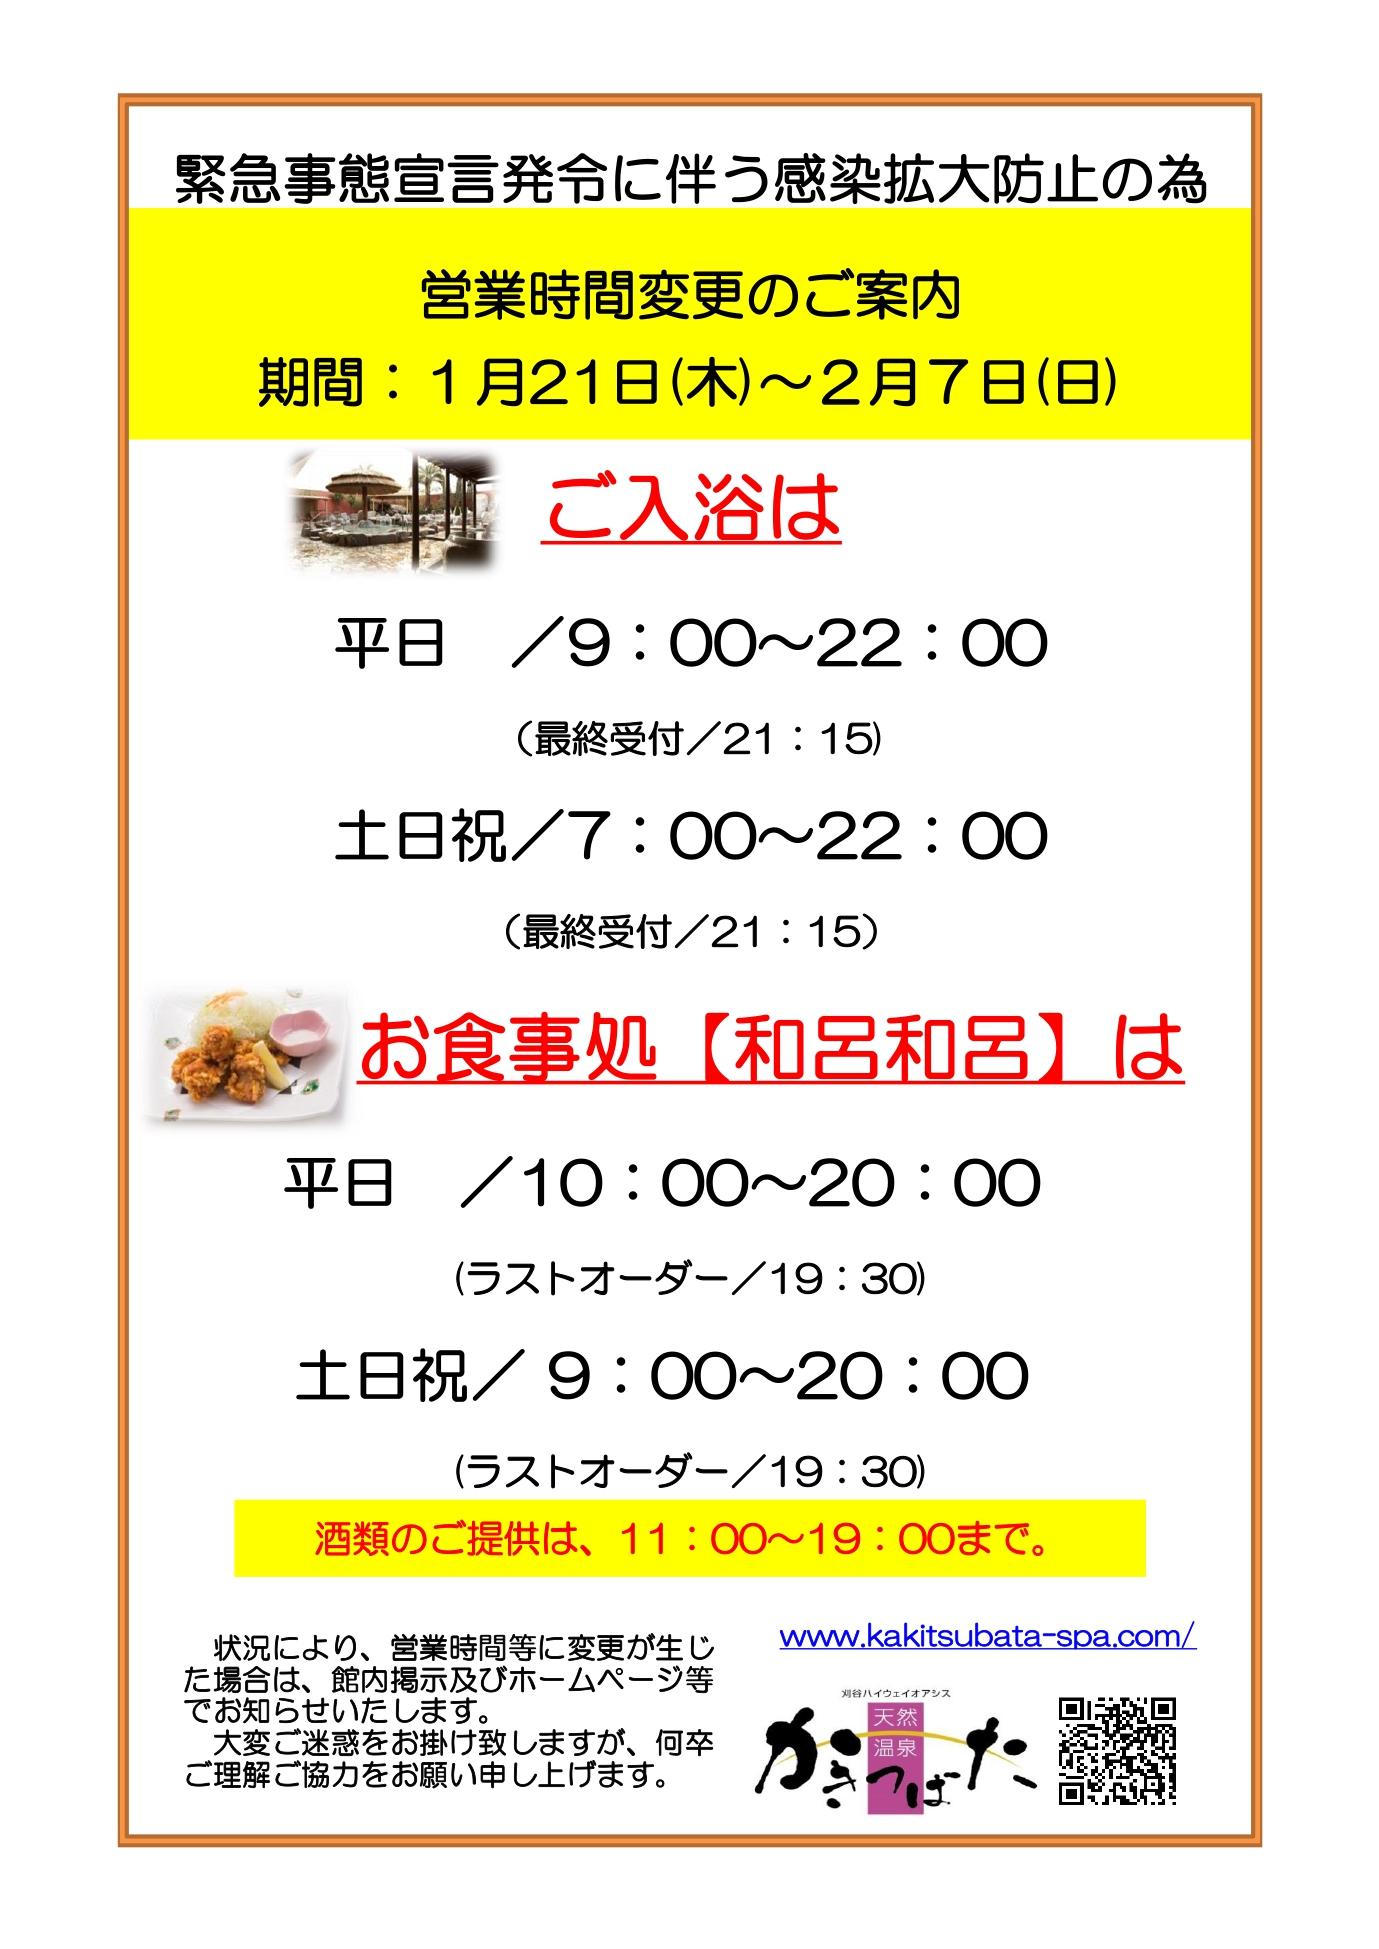 【重要】 1月21日(木)からの営業時間短縮について